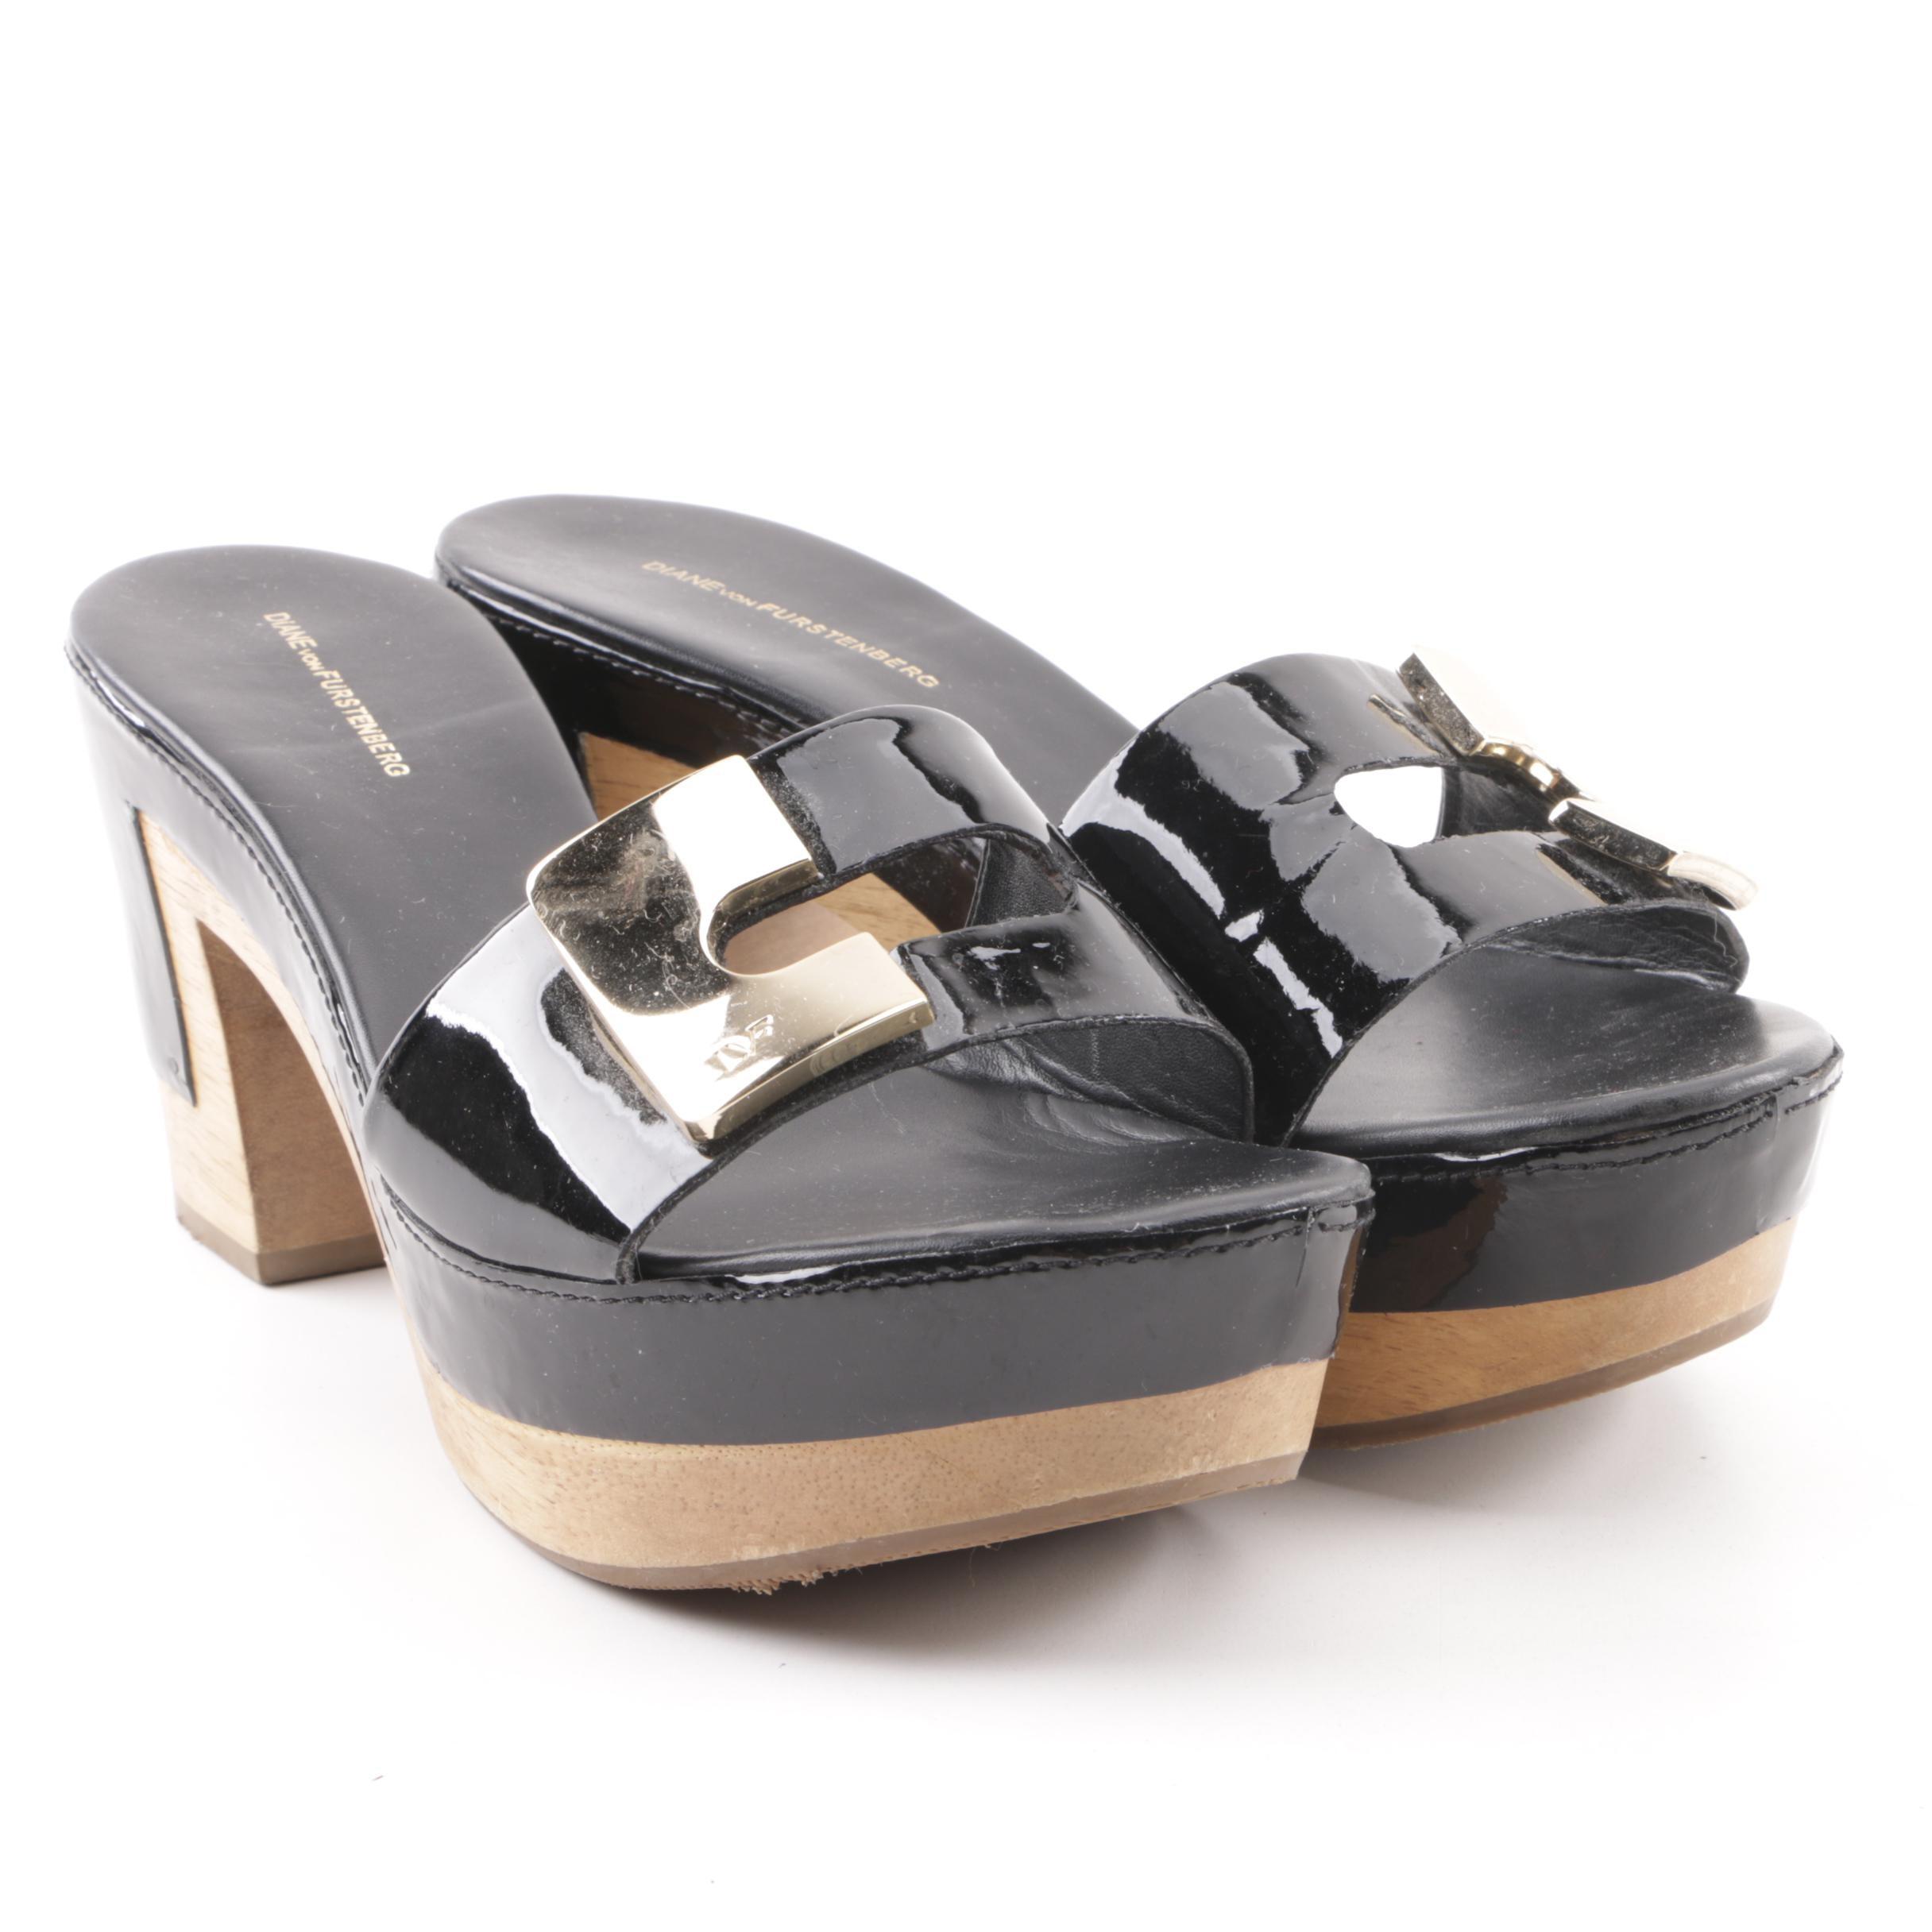 Diane von Furstenberg Black Patent Leather Platform Sandals